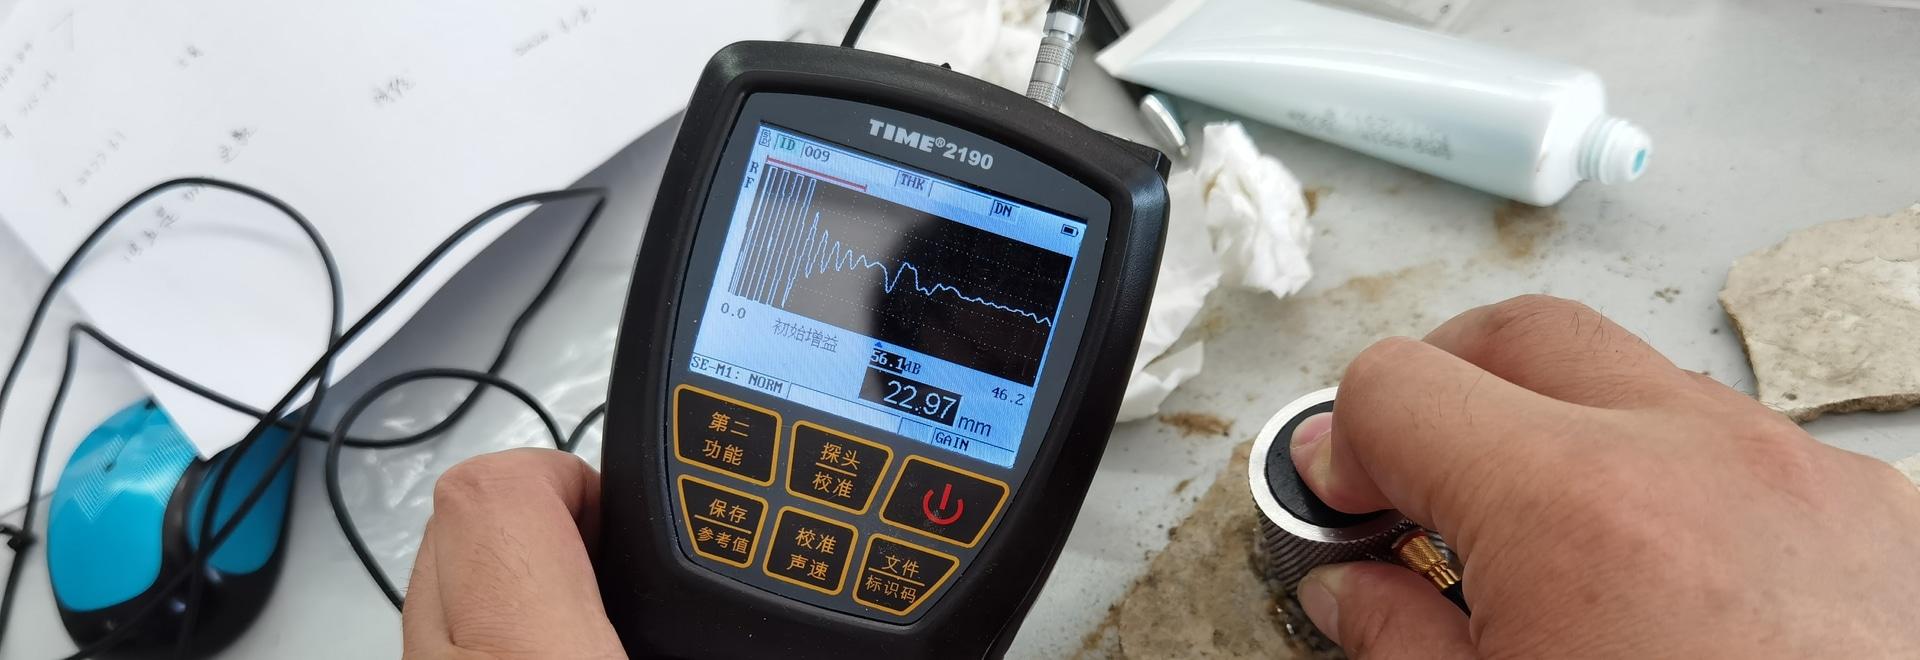 Le TEMPS2190 teste l'épaisseur du béton